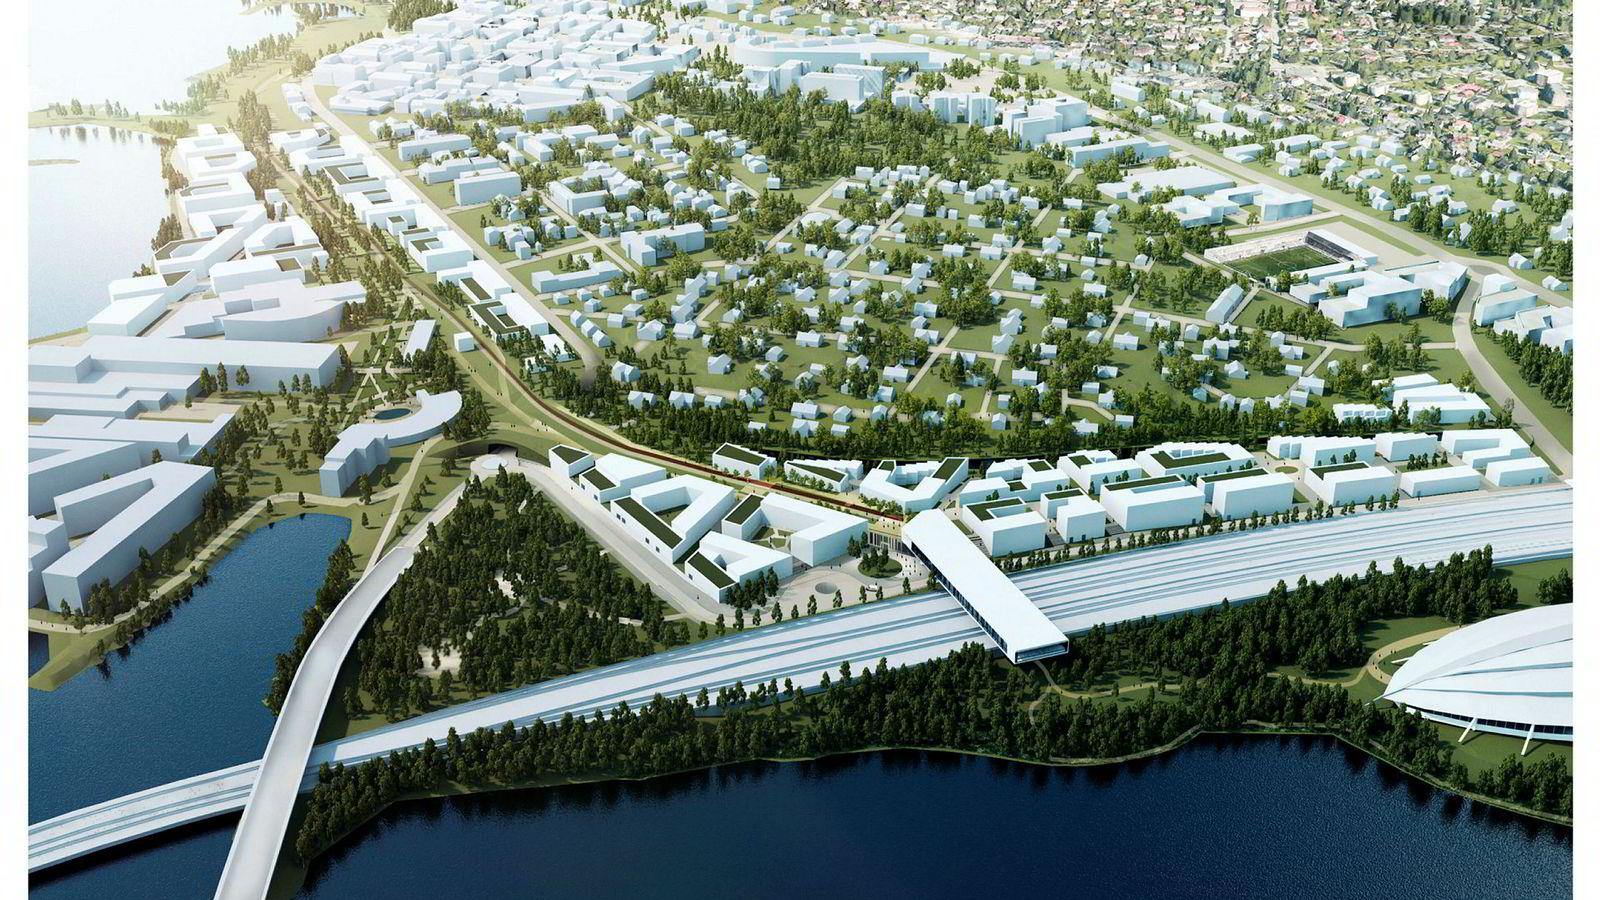 Hamar kommunestyre vedtok før jul at den nye togstasjonen skal ligge ved Vikingskipet. Dette alternativet er blant annet i strid med de nasjonale retningslinjene for bolig-, areal- og transportpolitikk. Illustrasjon: Entasis